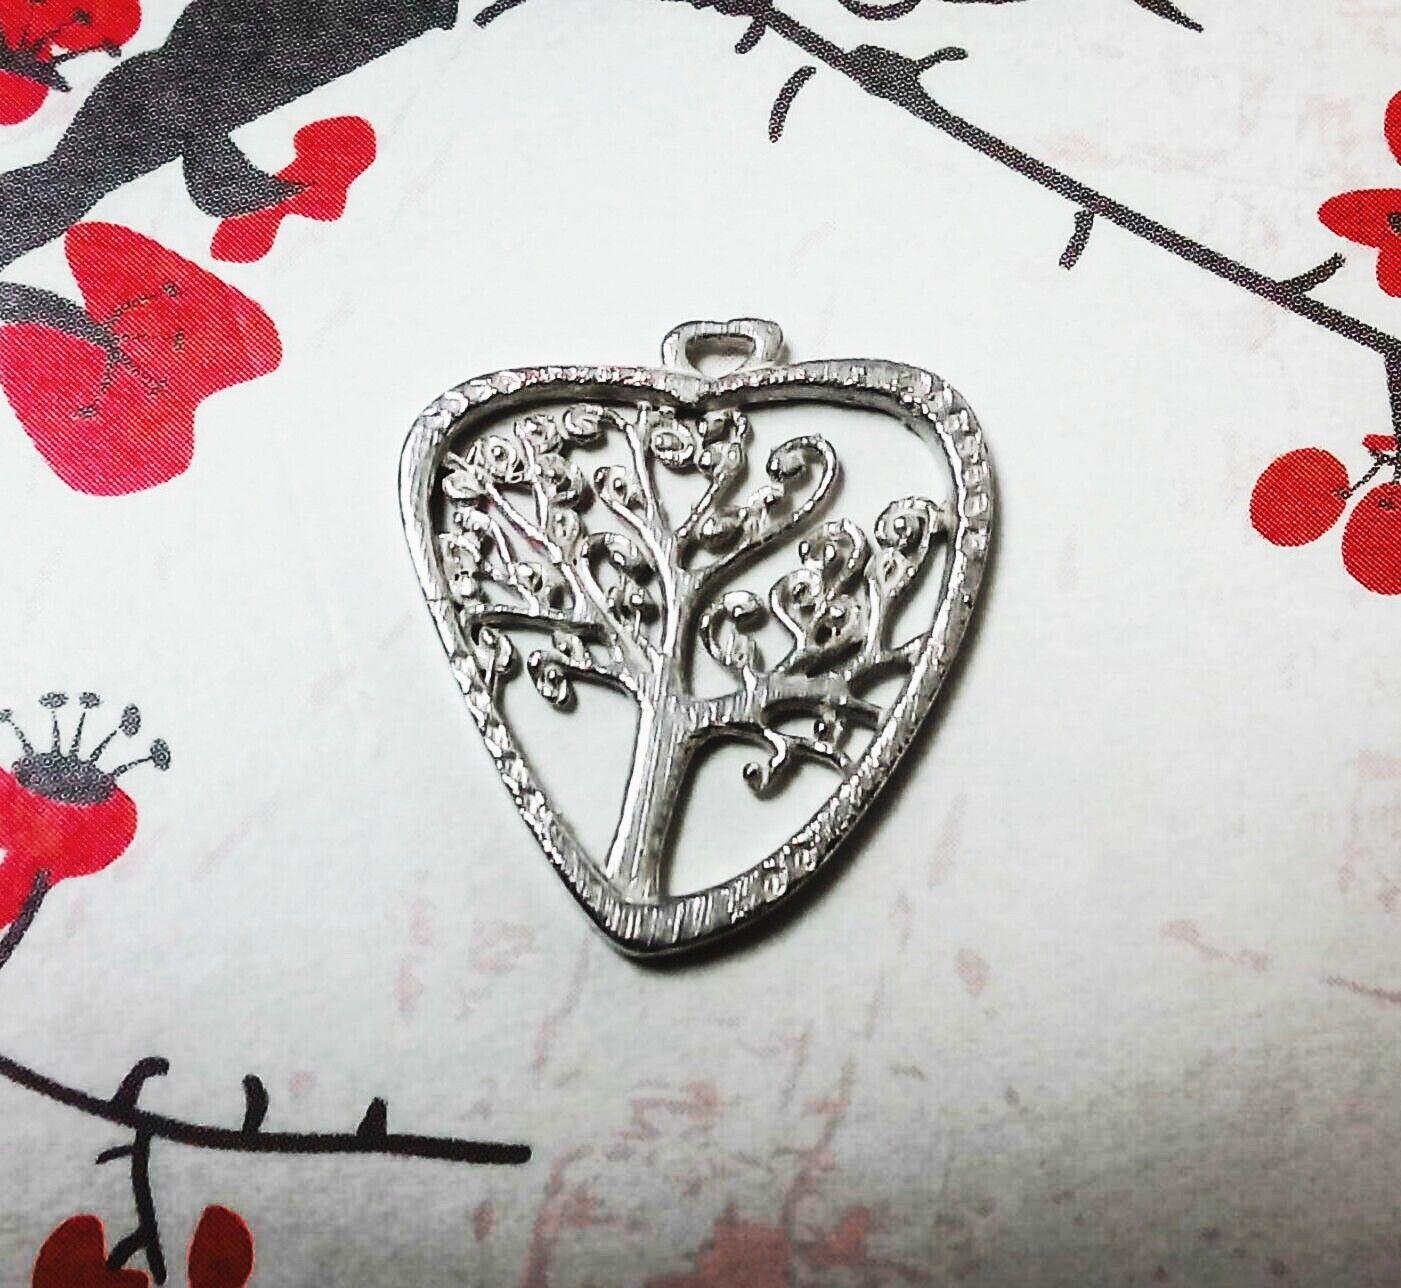 014a745cf87d Diseño 3D medalla corazón con árbol de la vida. Diseños personalizados.  Joyas personalizadas en